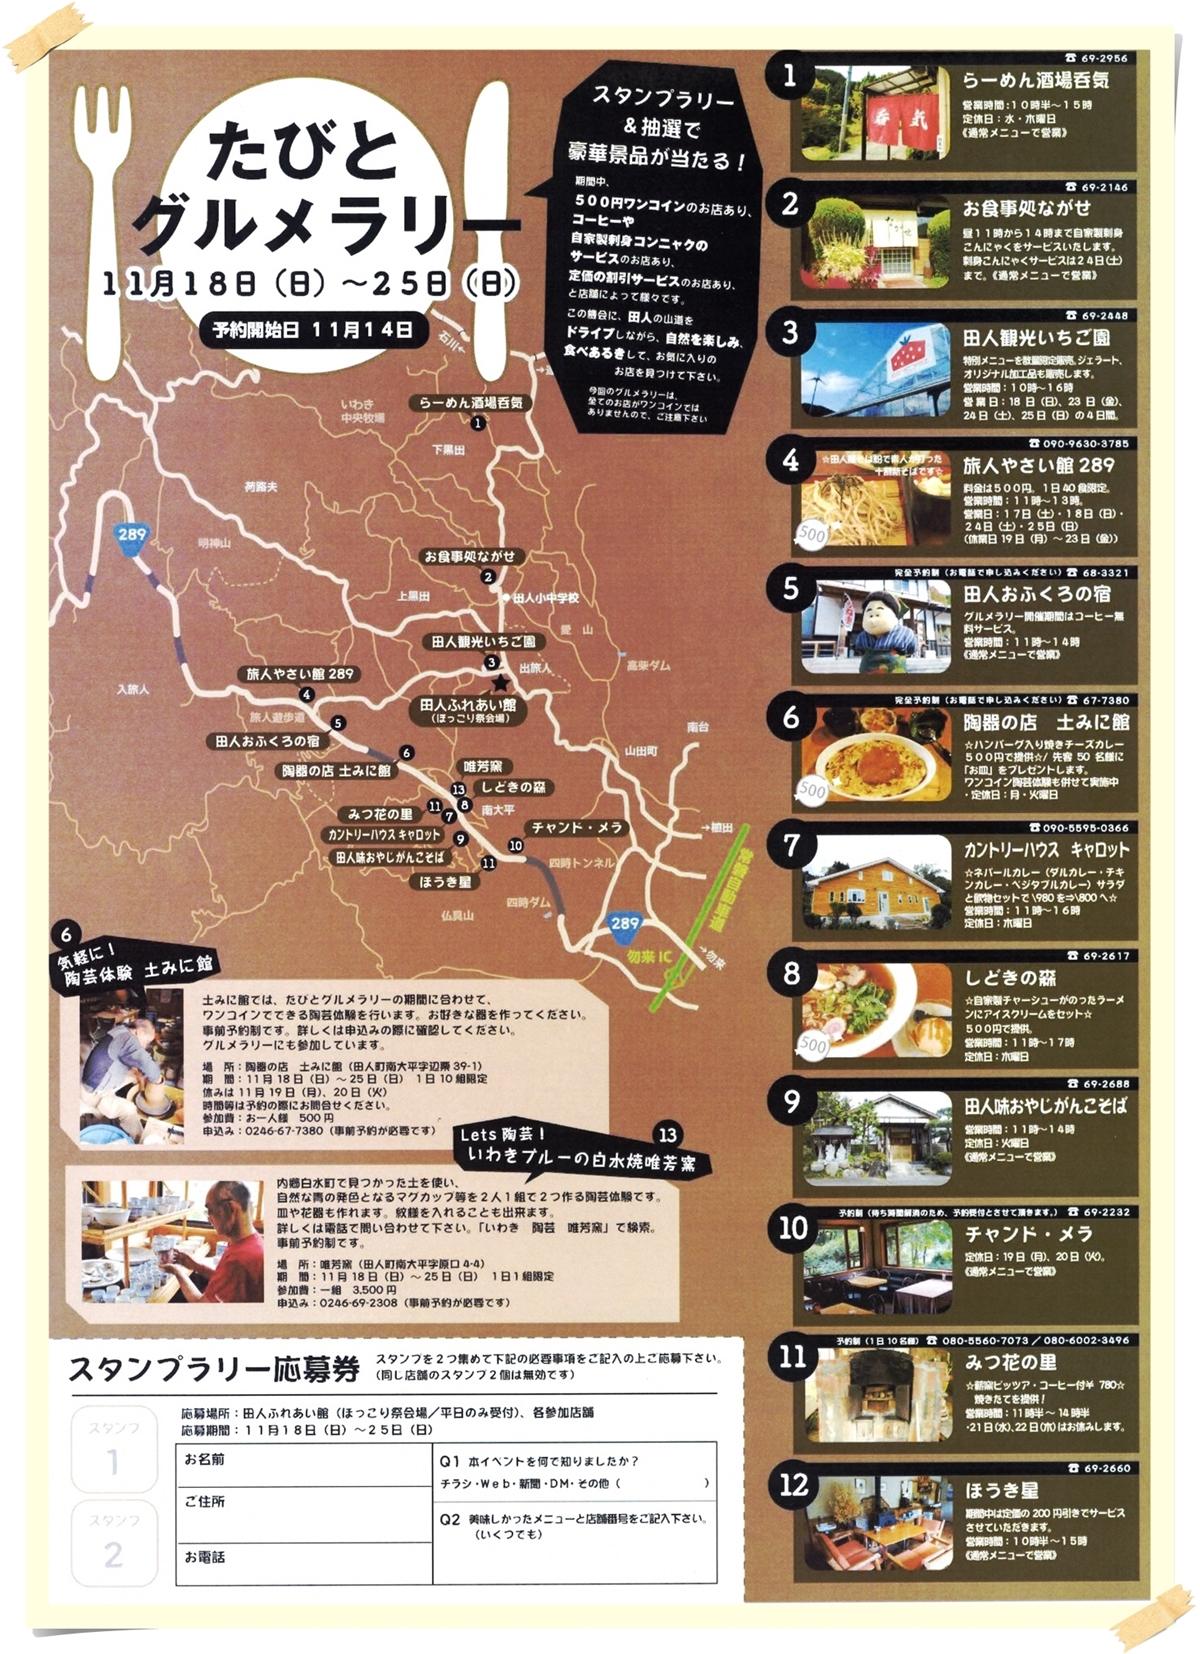 「2018たびとほっこり祭」で田人の秋を満喫しませんか! [平成30年11月11日(日)更新]2